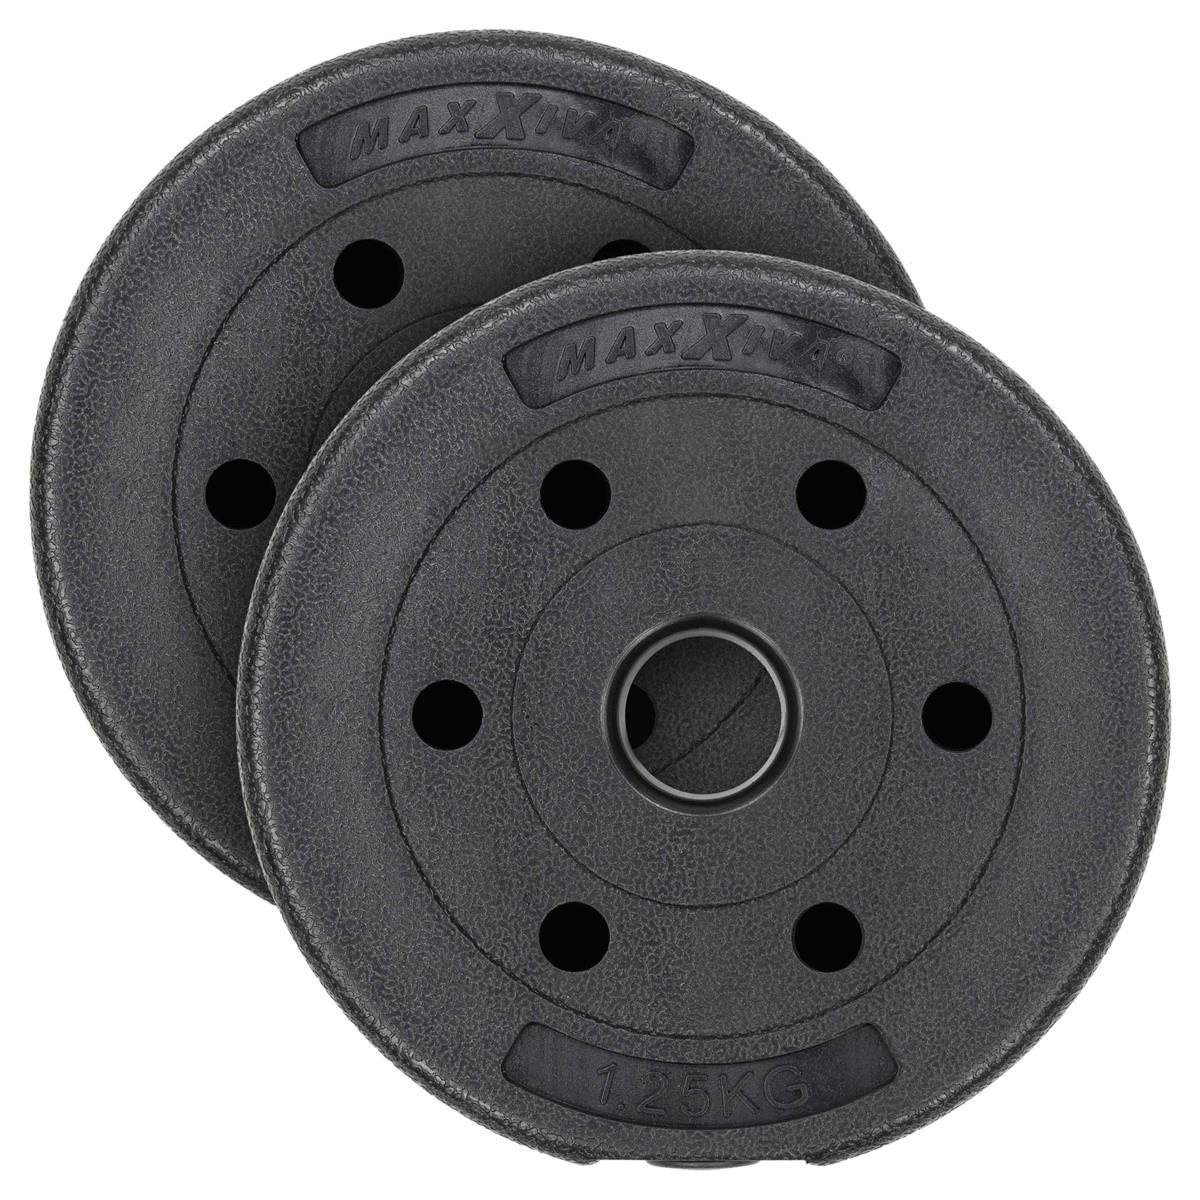 MAXXIVA Hantelscheiben Set Zement 2x1,25kg Gewichte schwarz Gewichtsscheiben